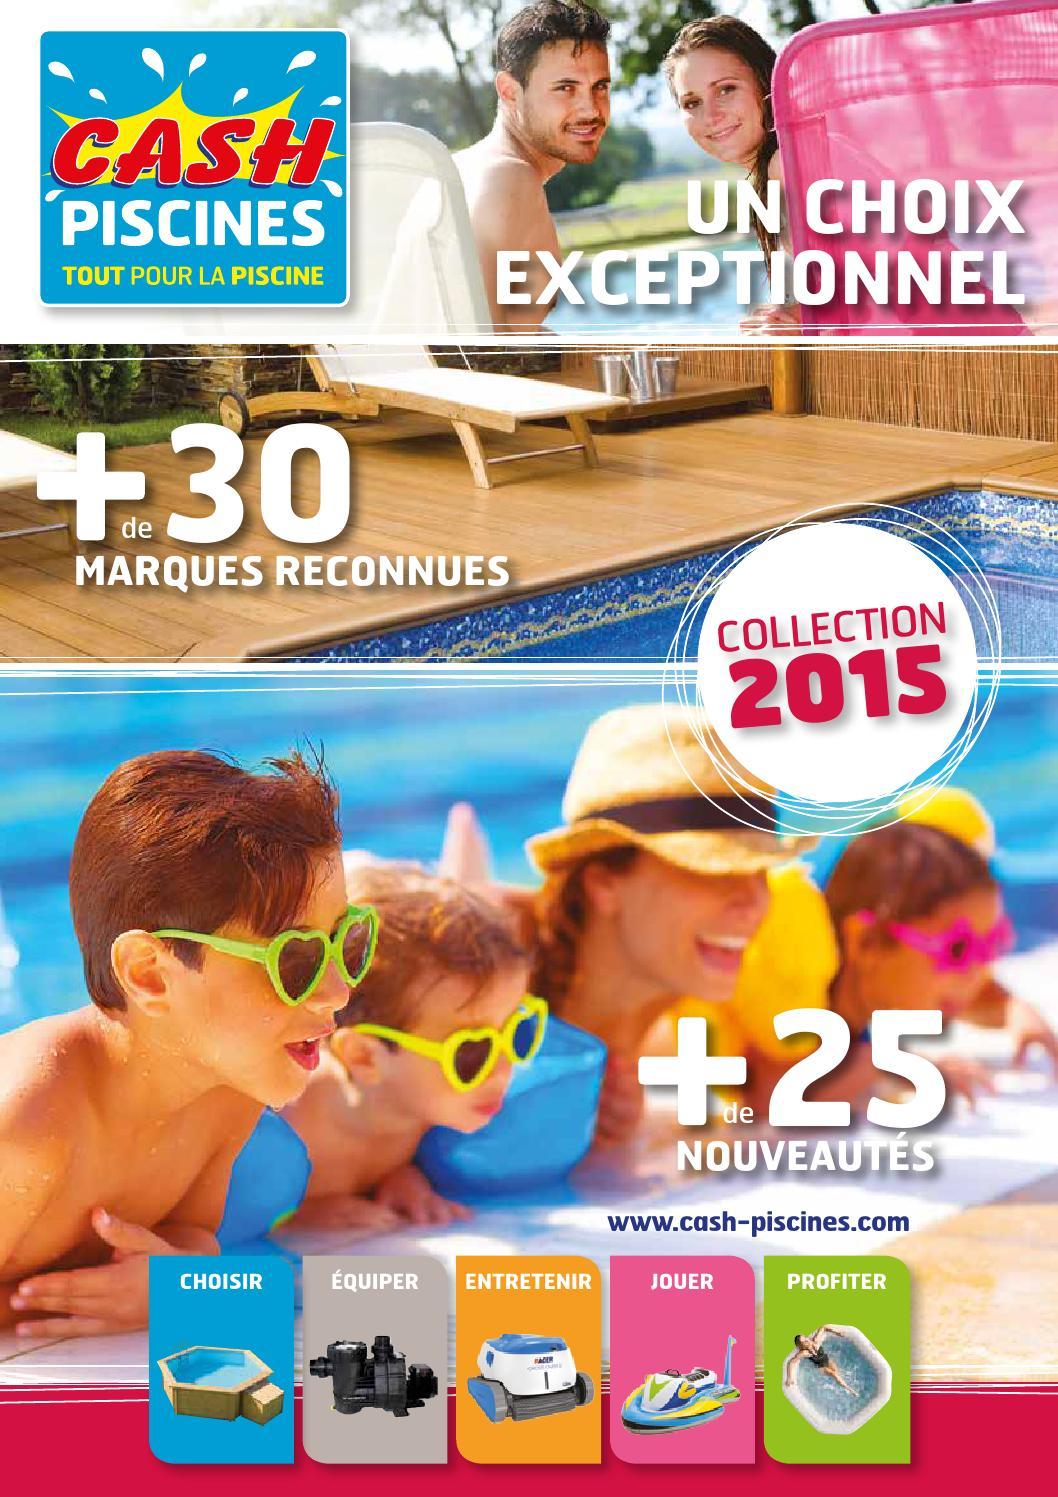 Catalogue Cash Piscines 2015 By Octave Octave - Issuu intérieur Cash Piscine La Roche Sur Yon